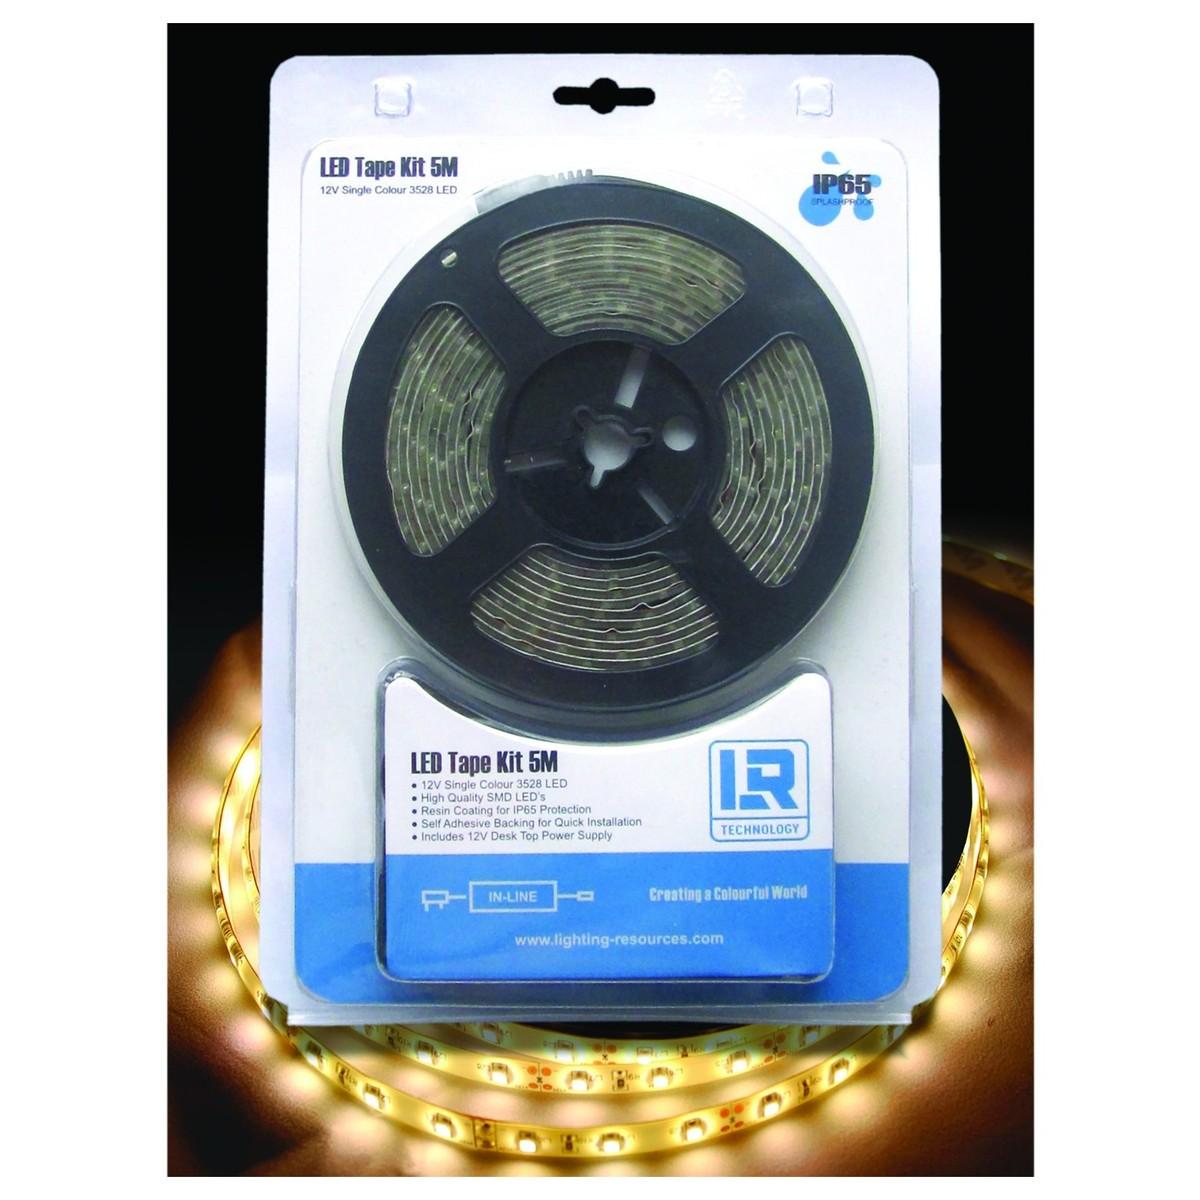 LR-Technologie LED Band Beleuchtungssatz 5M warmweiß bei Gear4music